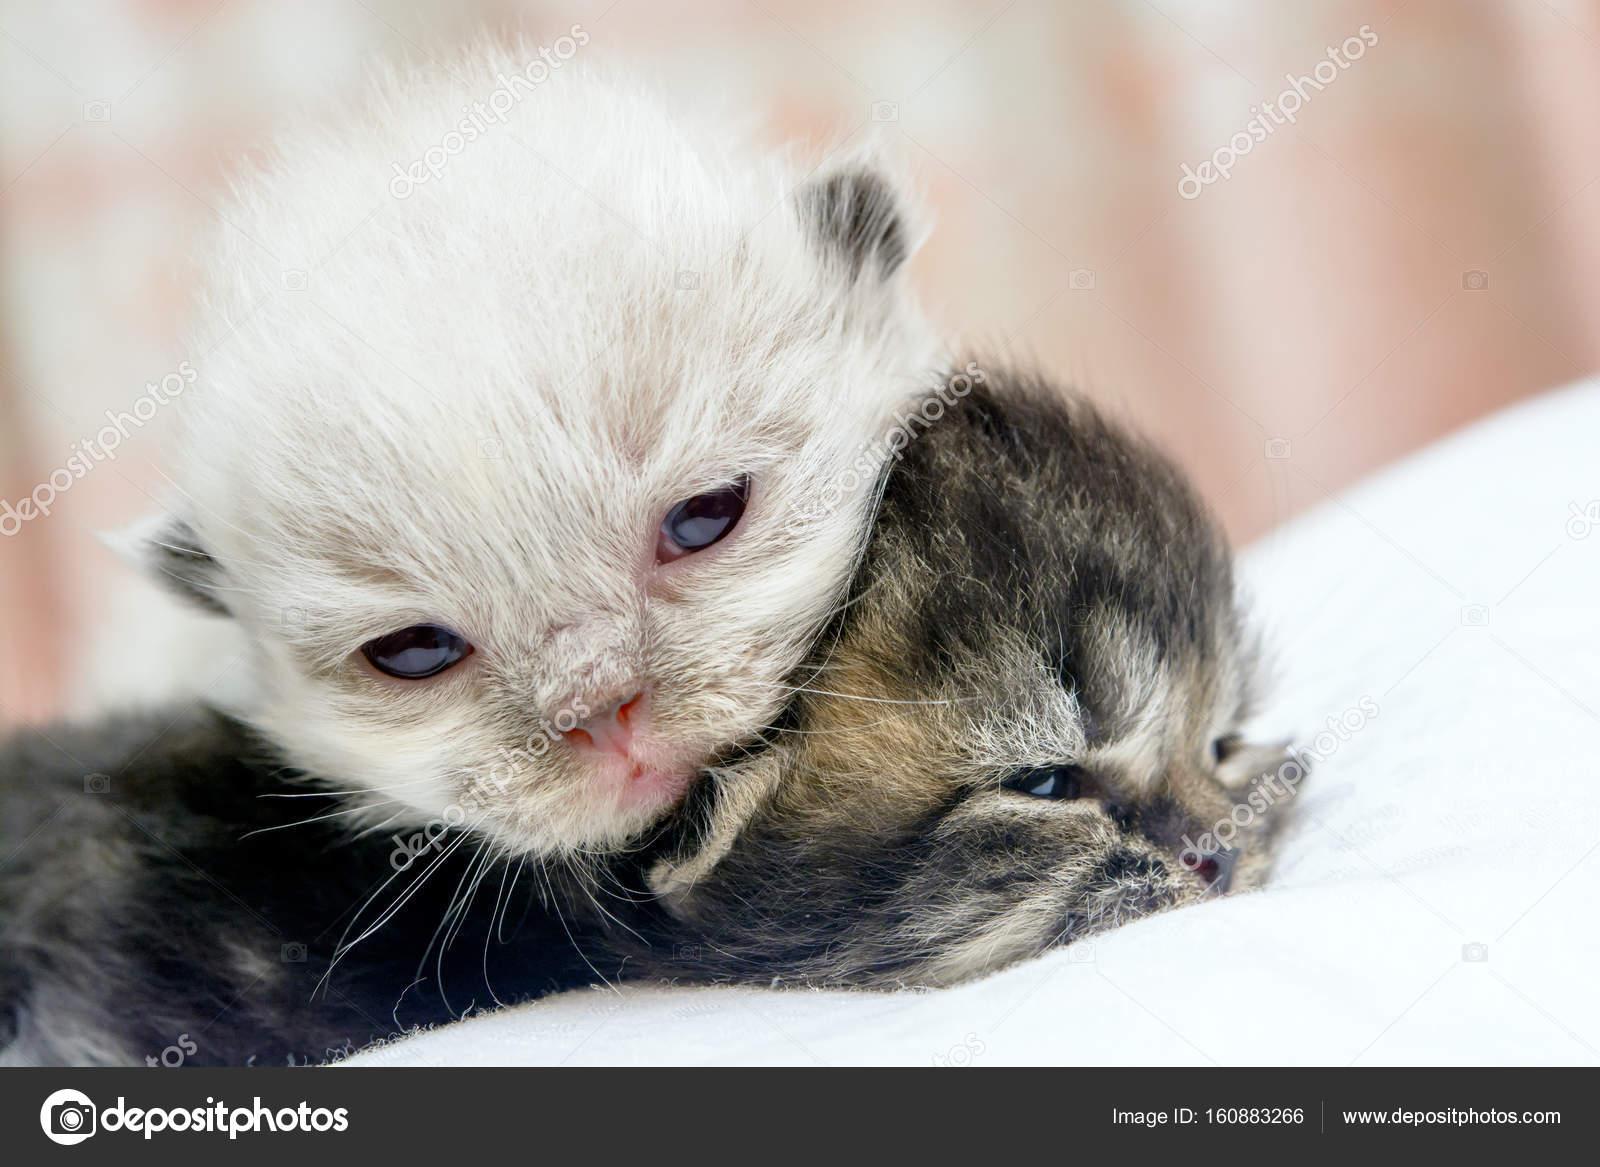 chaton mignon chat persan sur le lit photographie note kamutsri 160883266. Black Bedroom Furniture Sets. Home Design Ideas